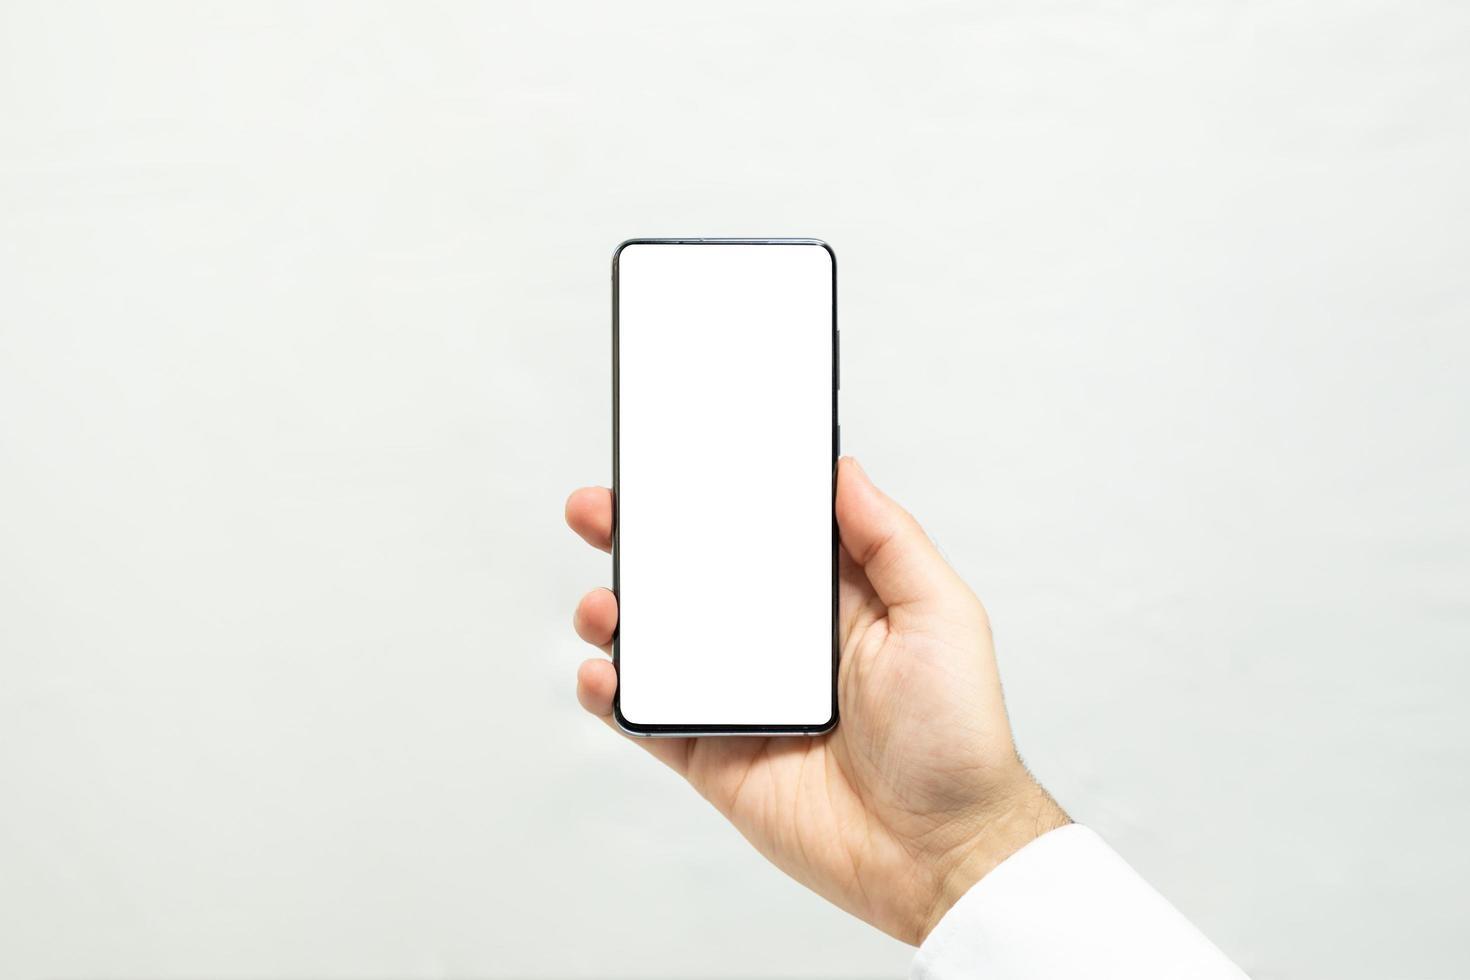 sosteniendo un teléfono inteligente de pantalla blanca vertical foto